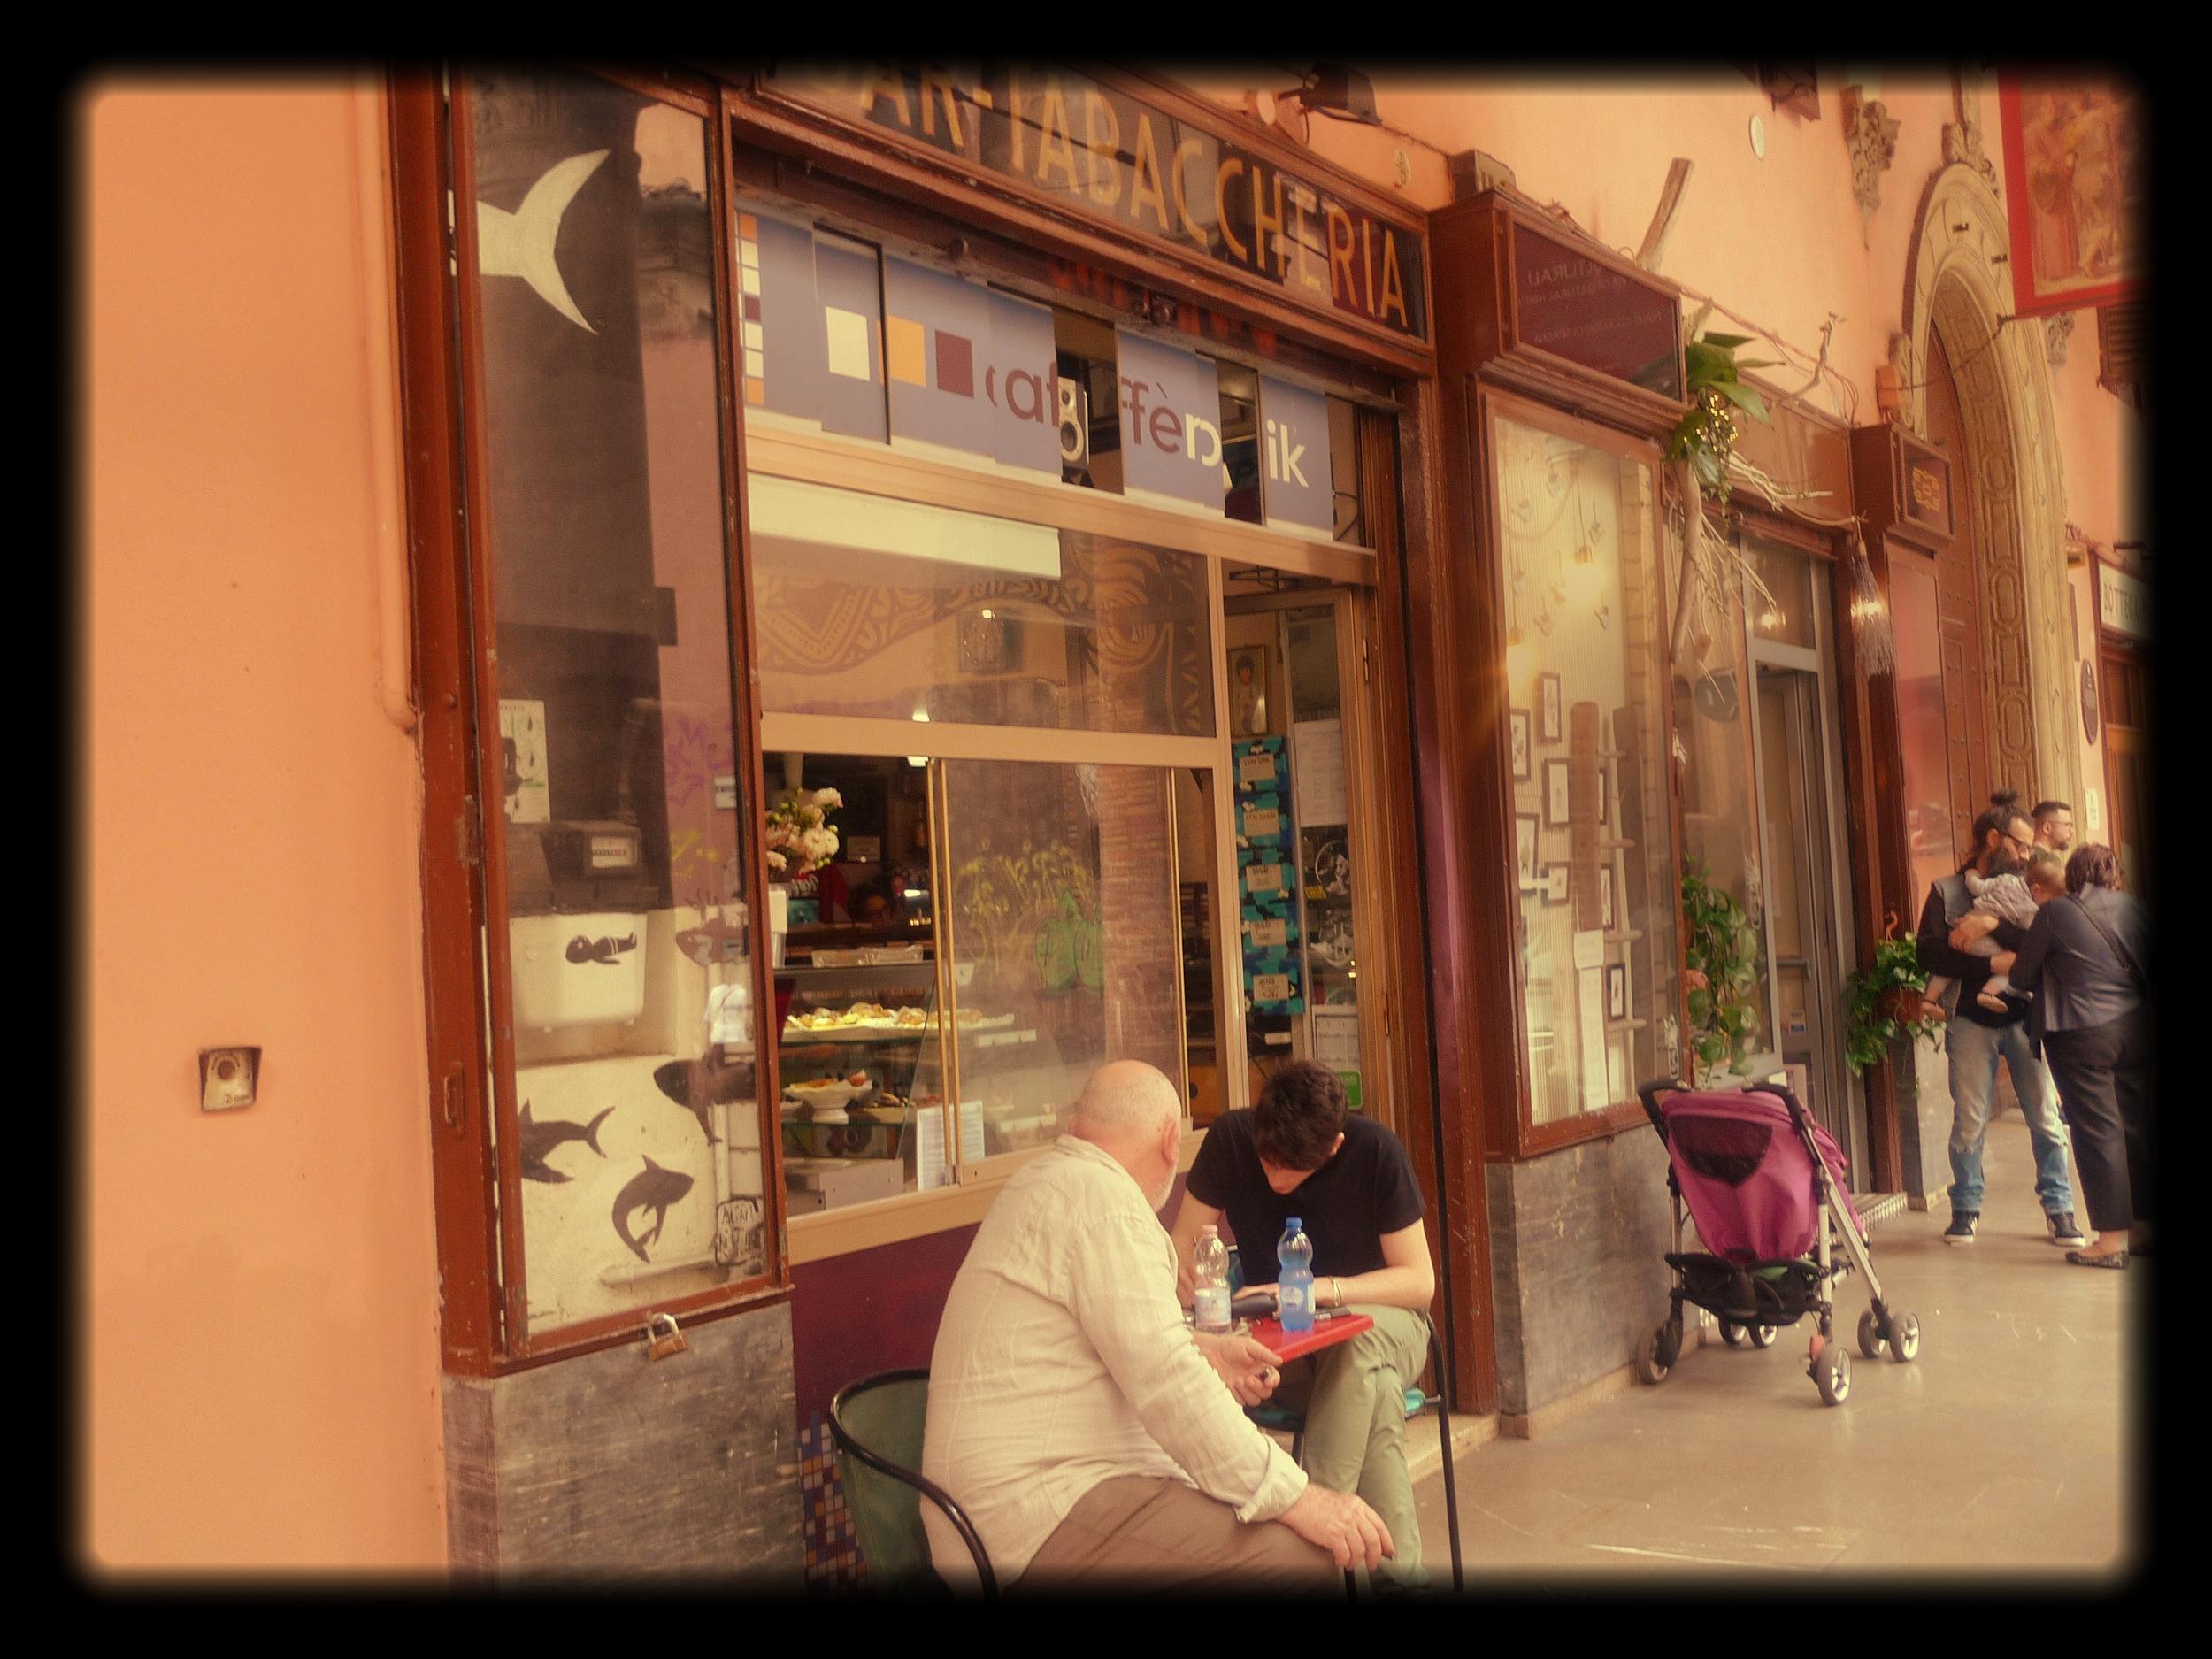 Caffe Rubik